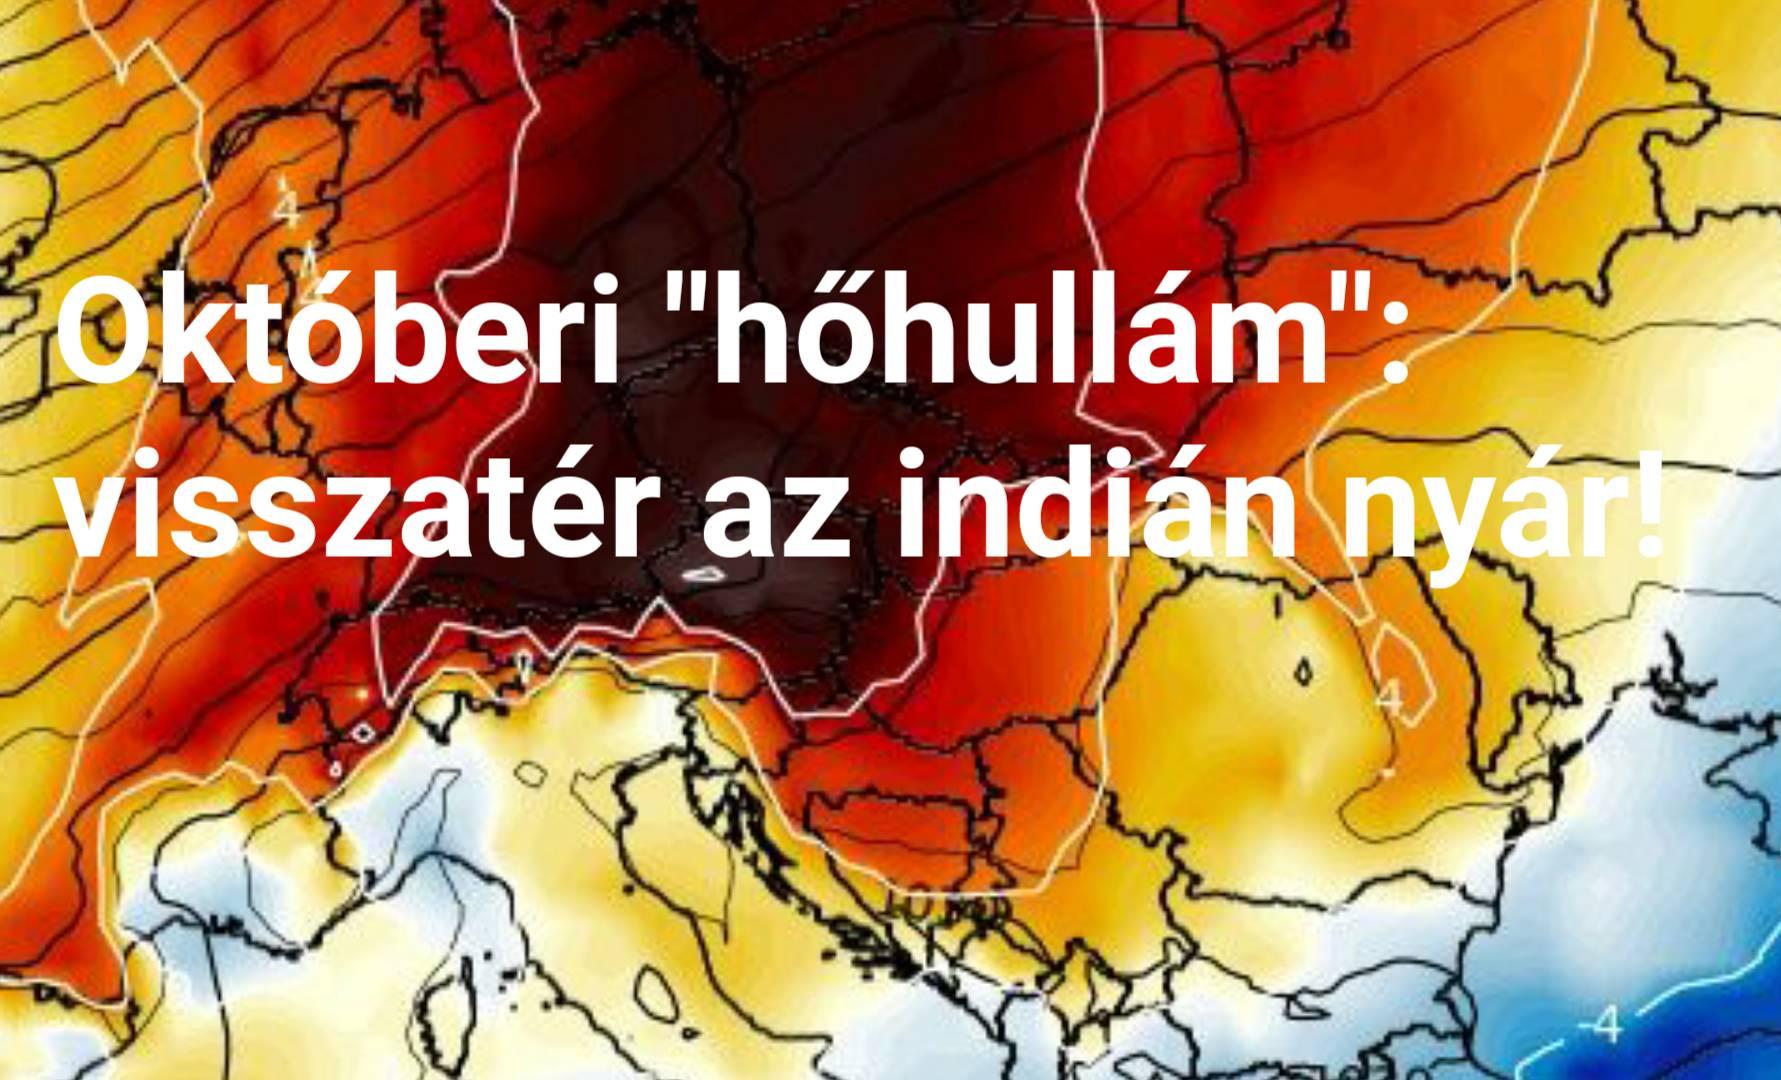 """Újabb """"hőhullám"""": visszatér az indián nyár! 8"""